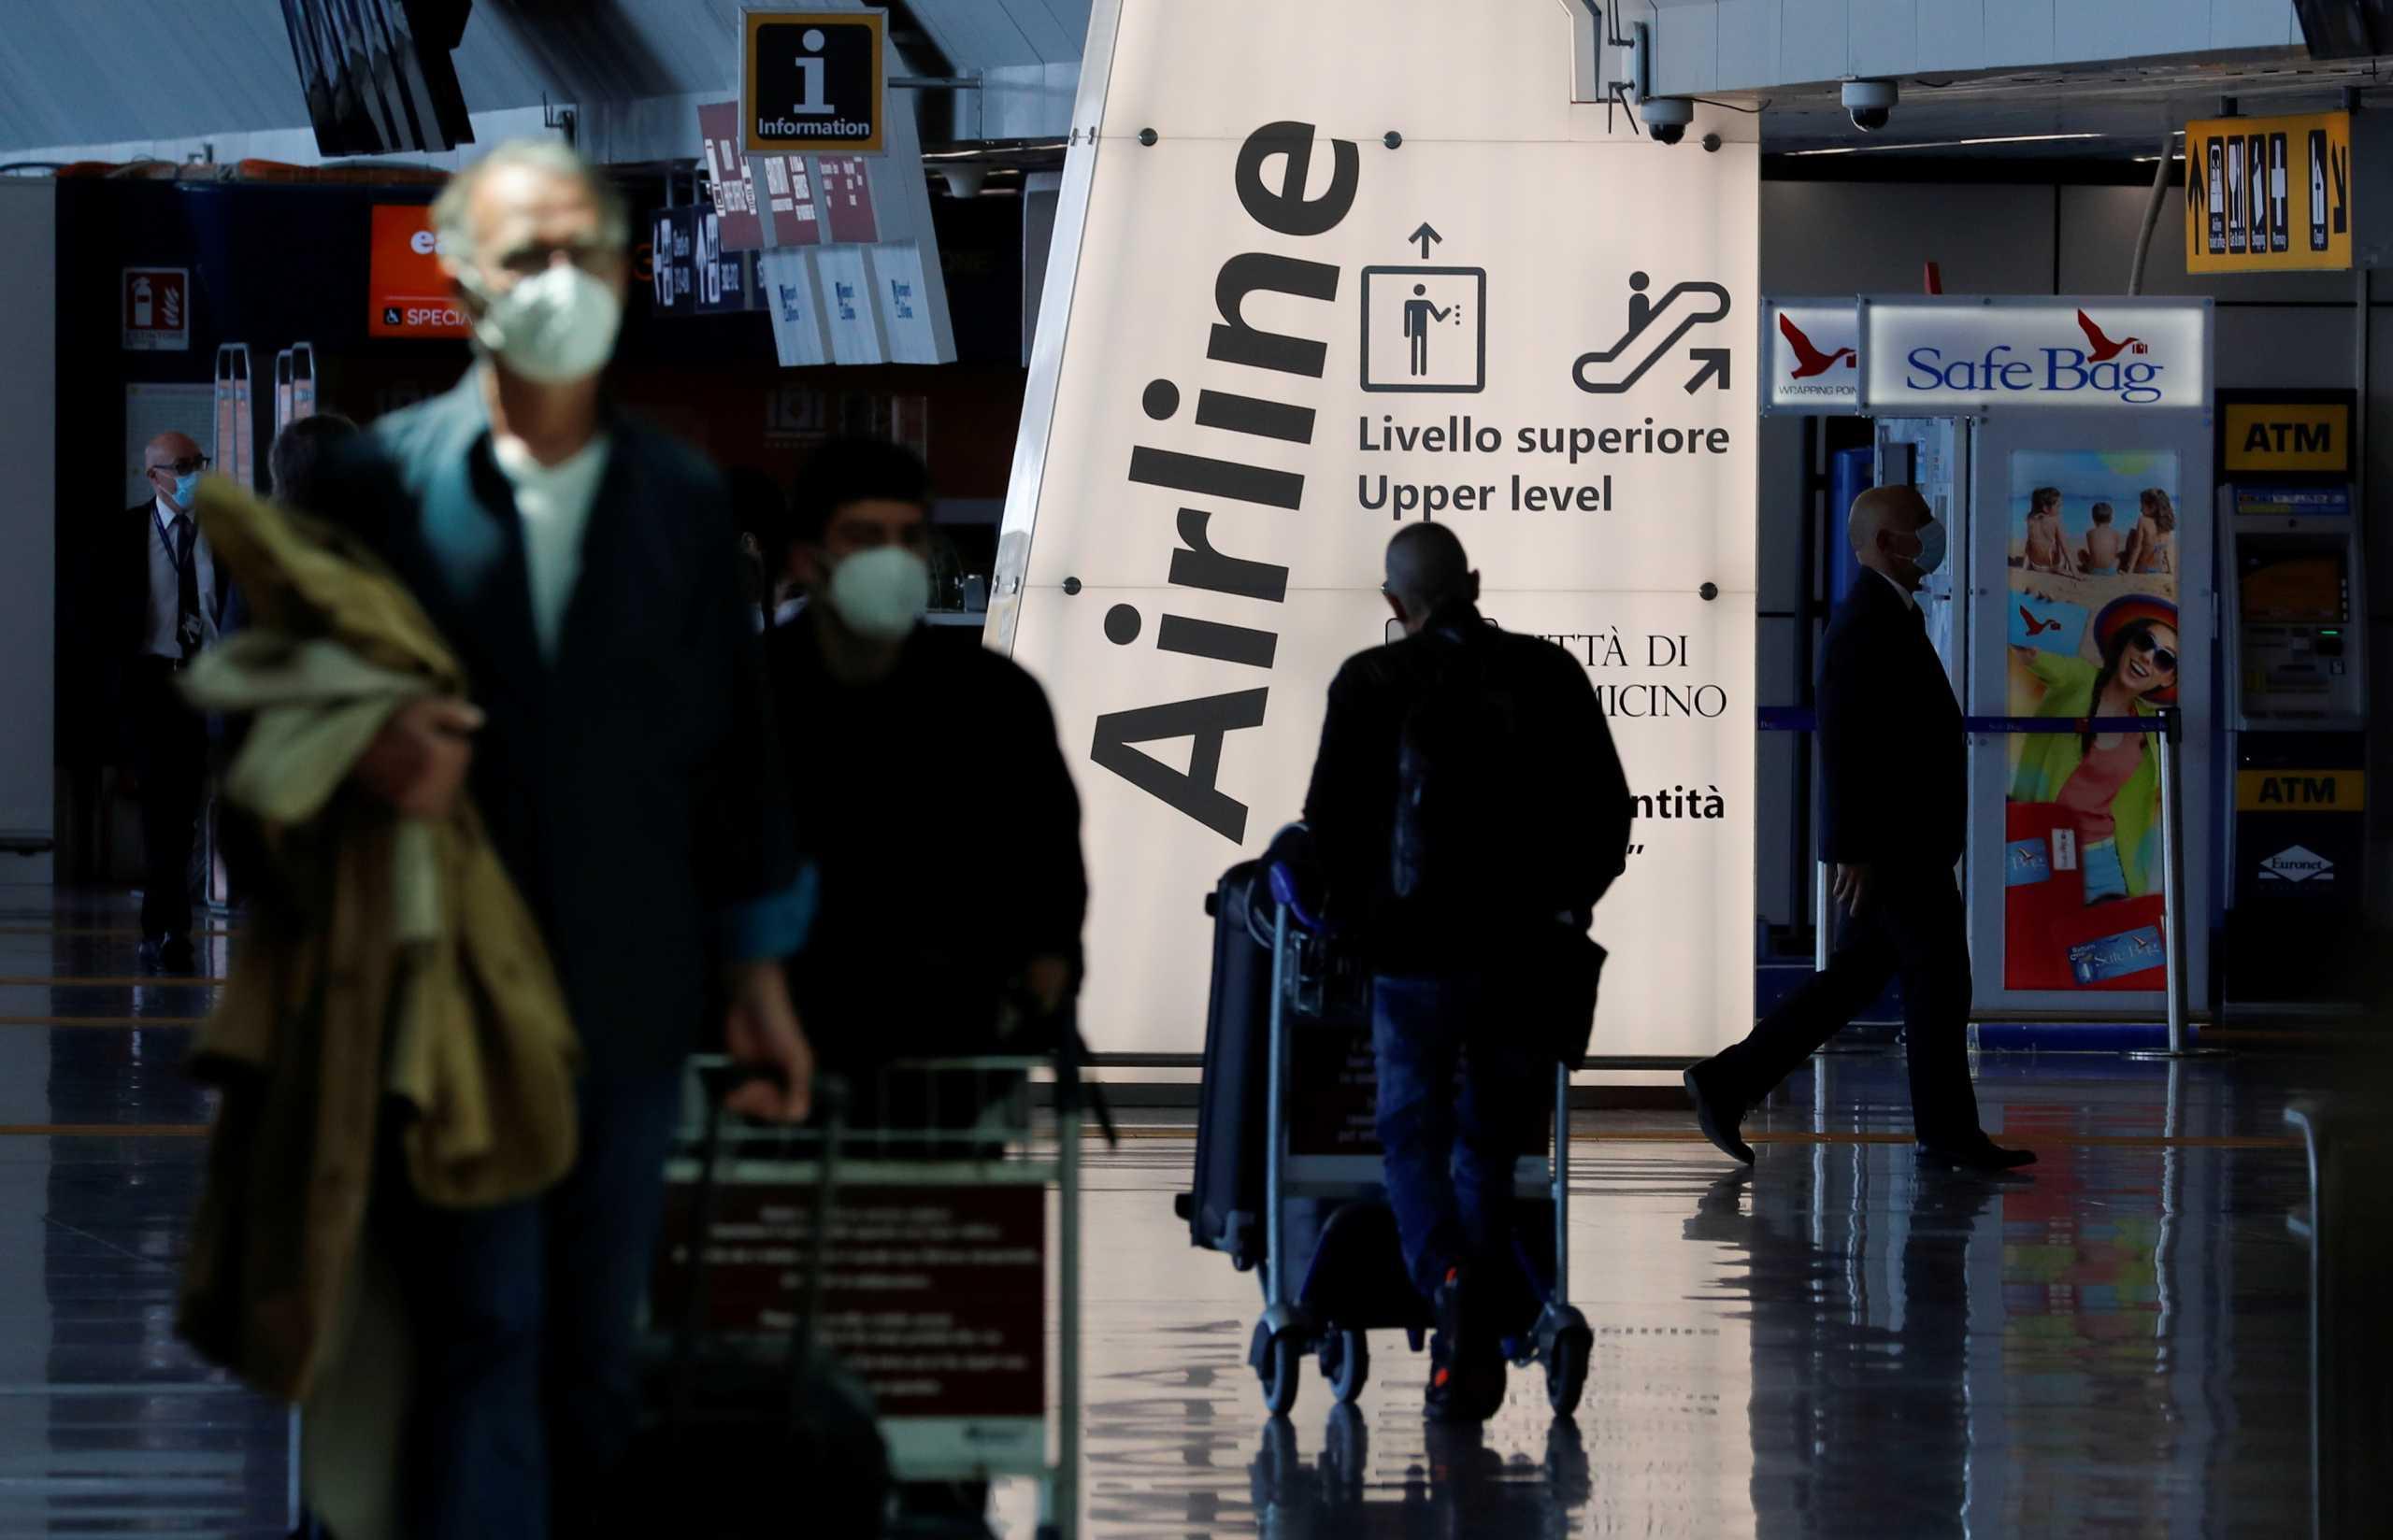 Κορονοϊός: Οι ΗΠΑ χαλάρωσαν την ταξιδιωτική οδηγία για τον Καναδά – «Επιδείξτε Αυξημένη Προσοχή»